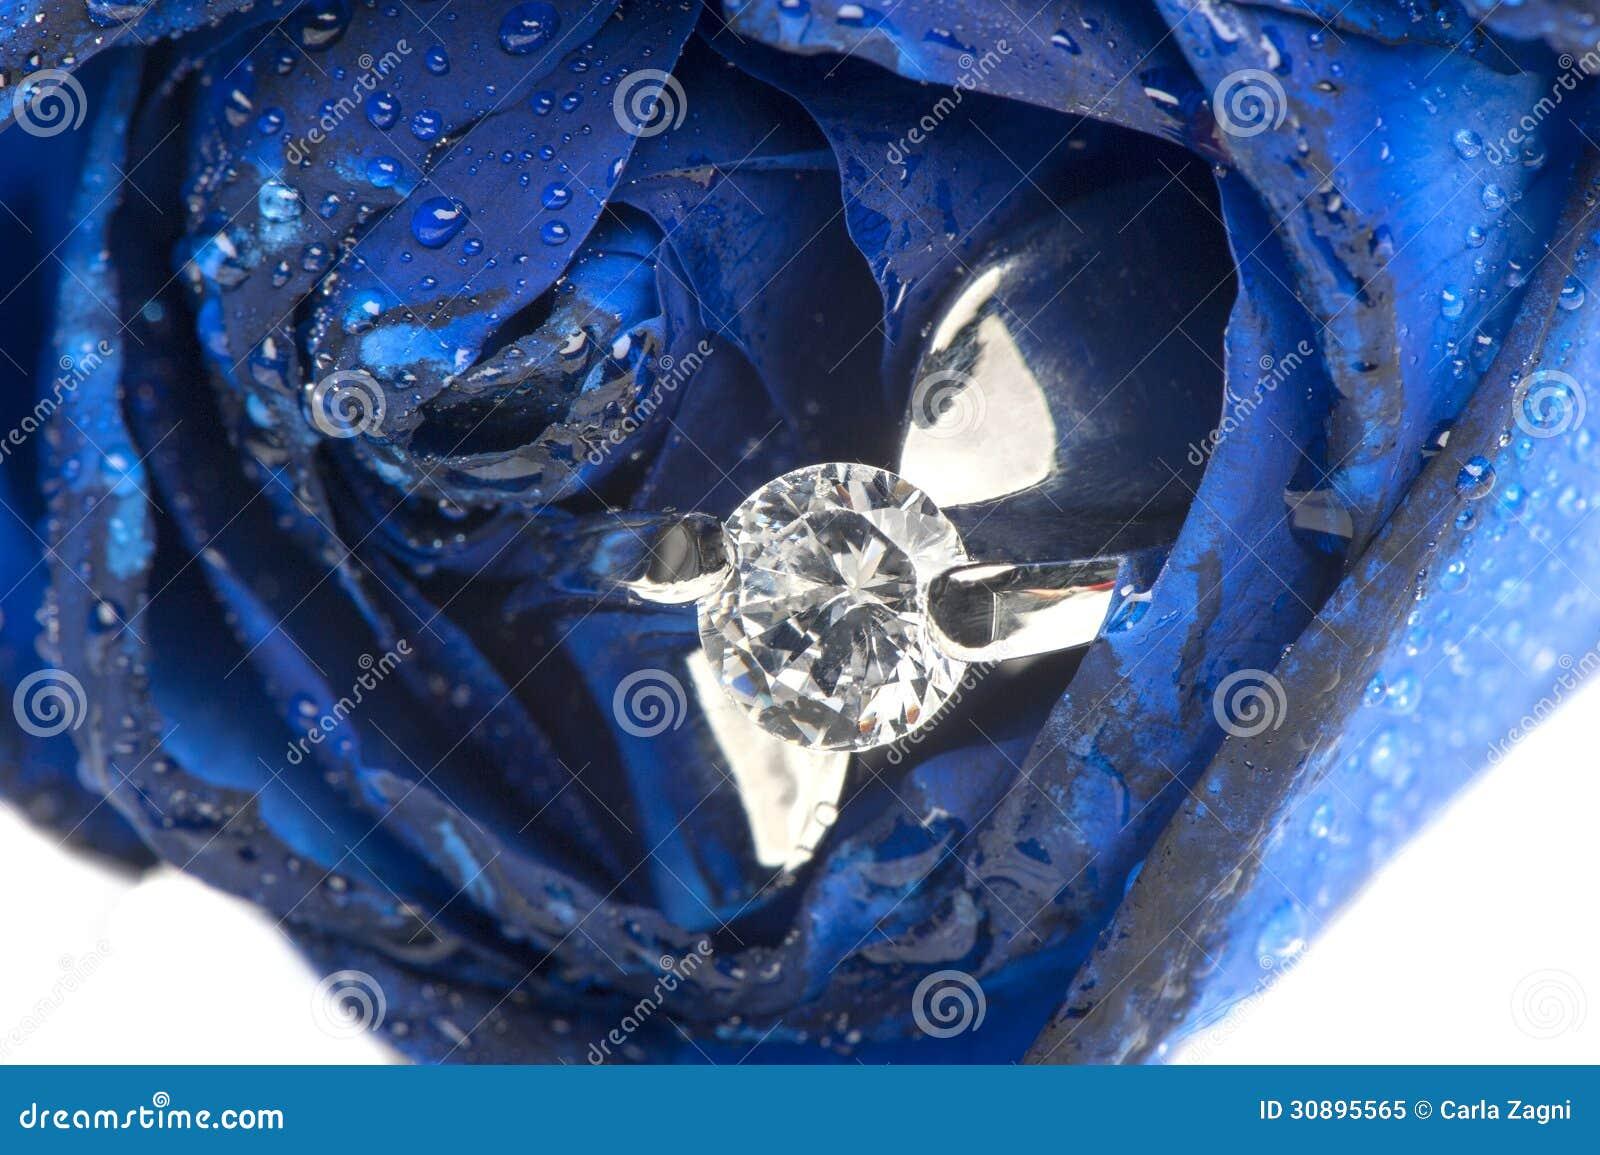 royalty free stock photography blue roses wedding rings white background image blue wedding rings Blue roses and wedding rings Royalty Free Stock Photo